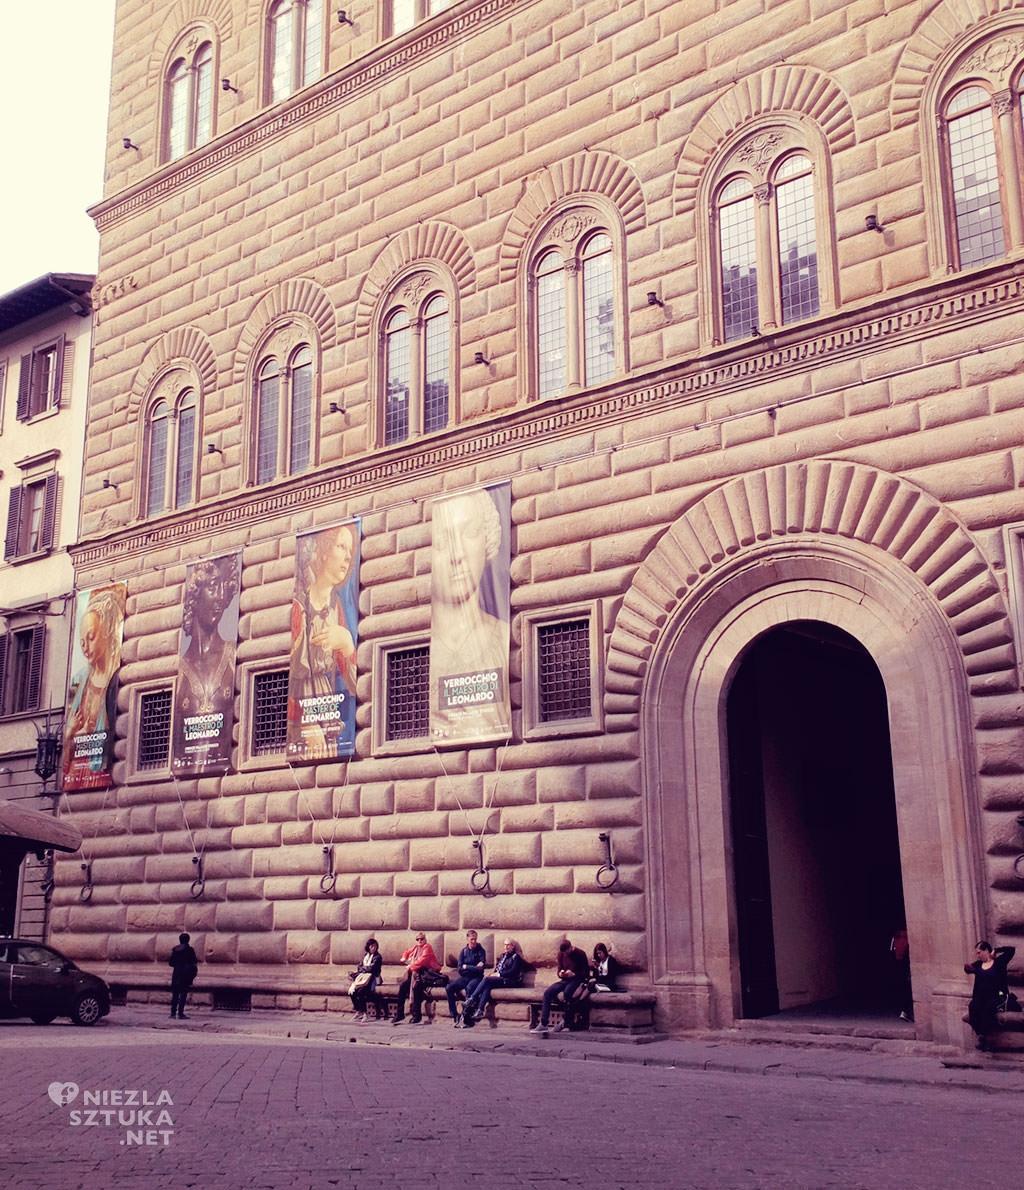 verrocchio, Palazzo Strozzi